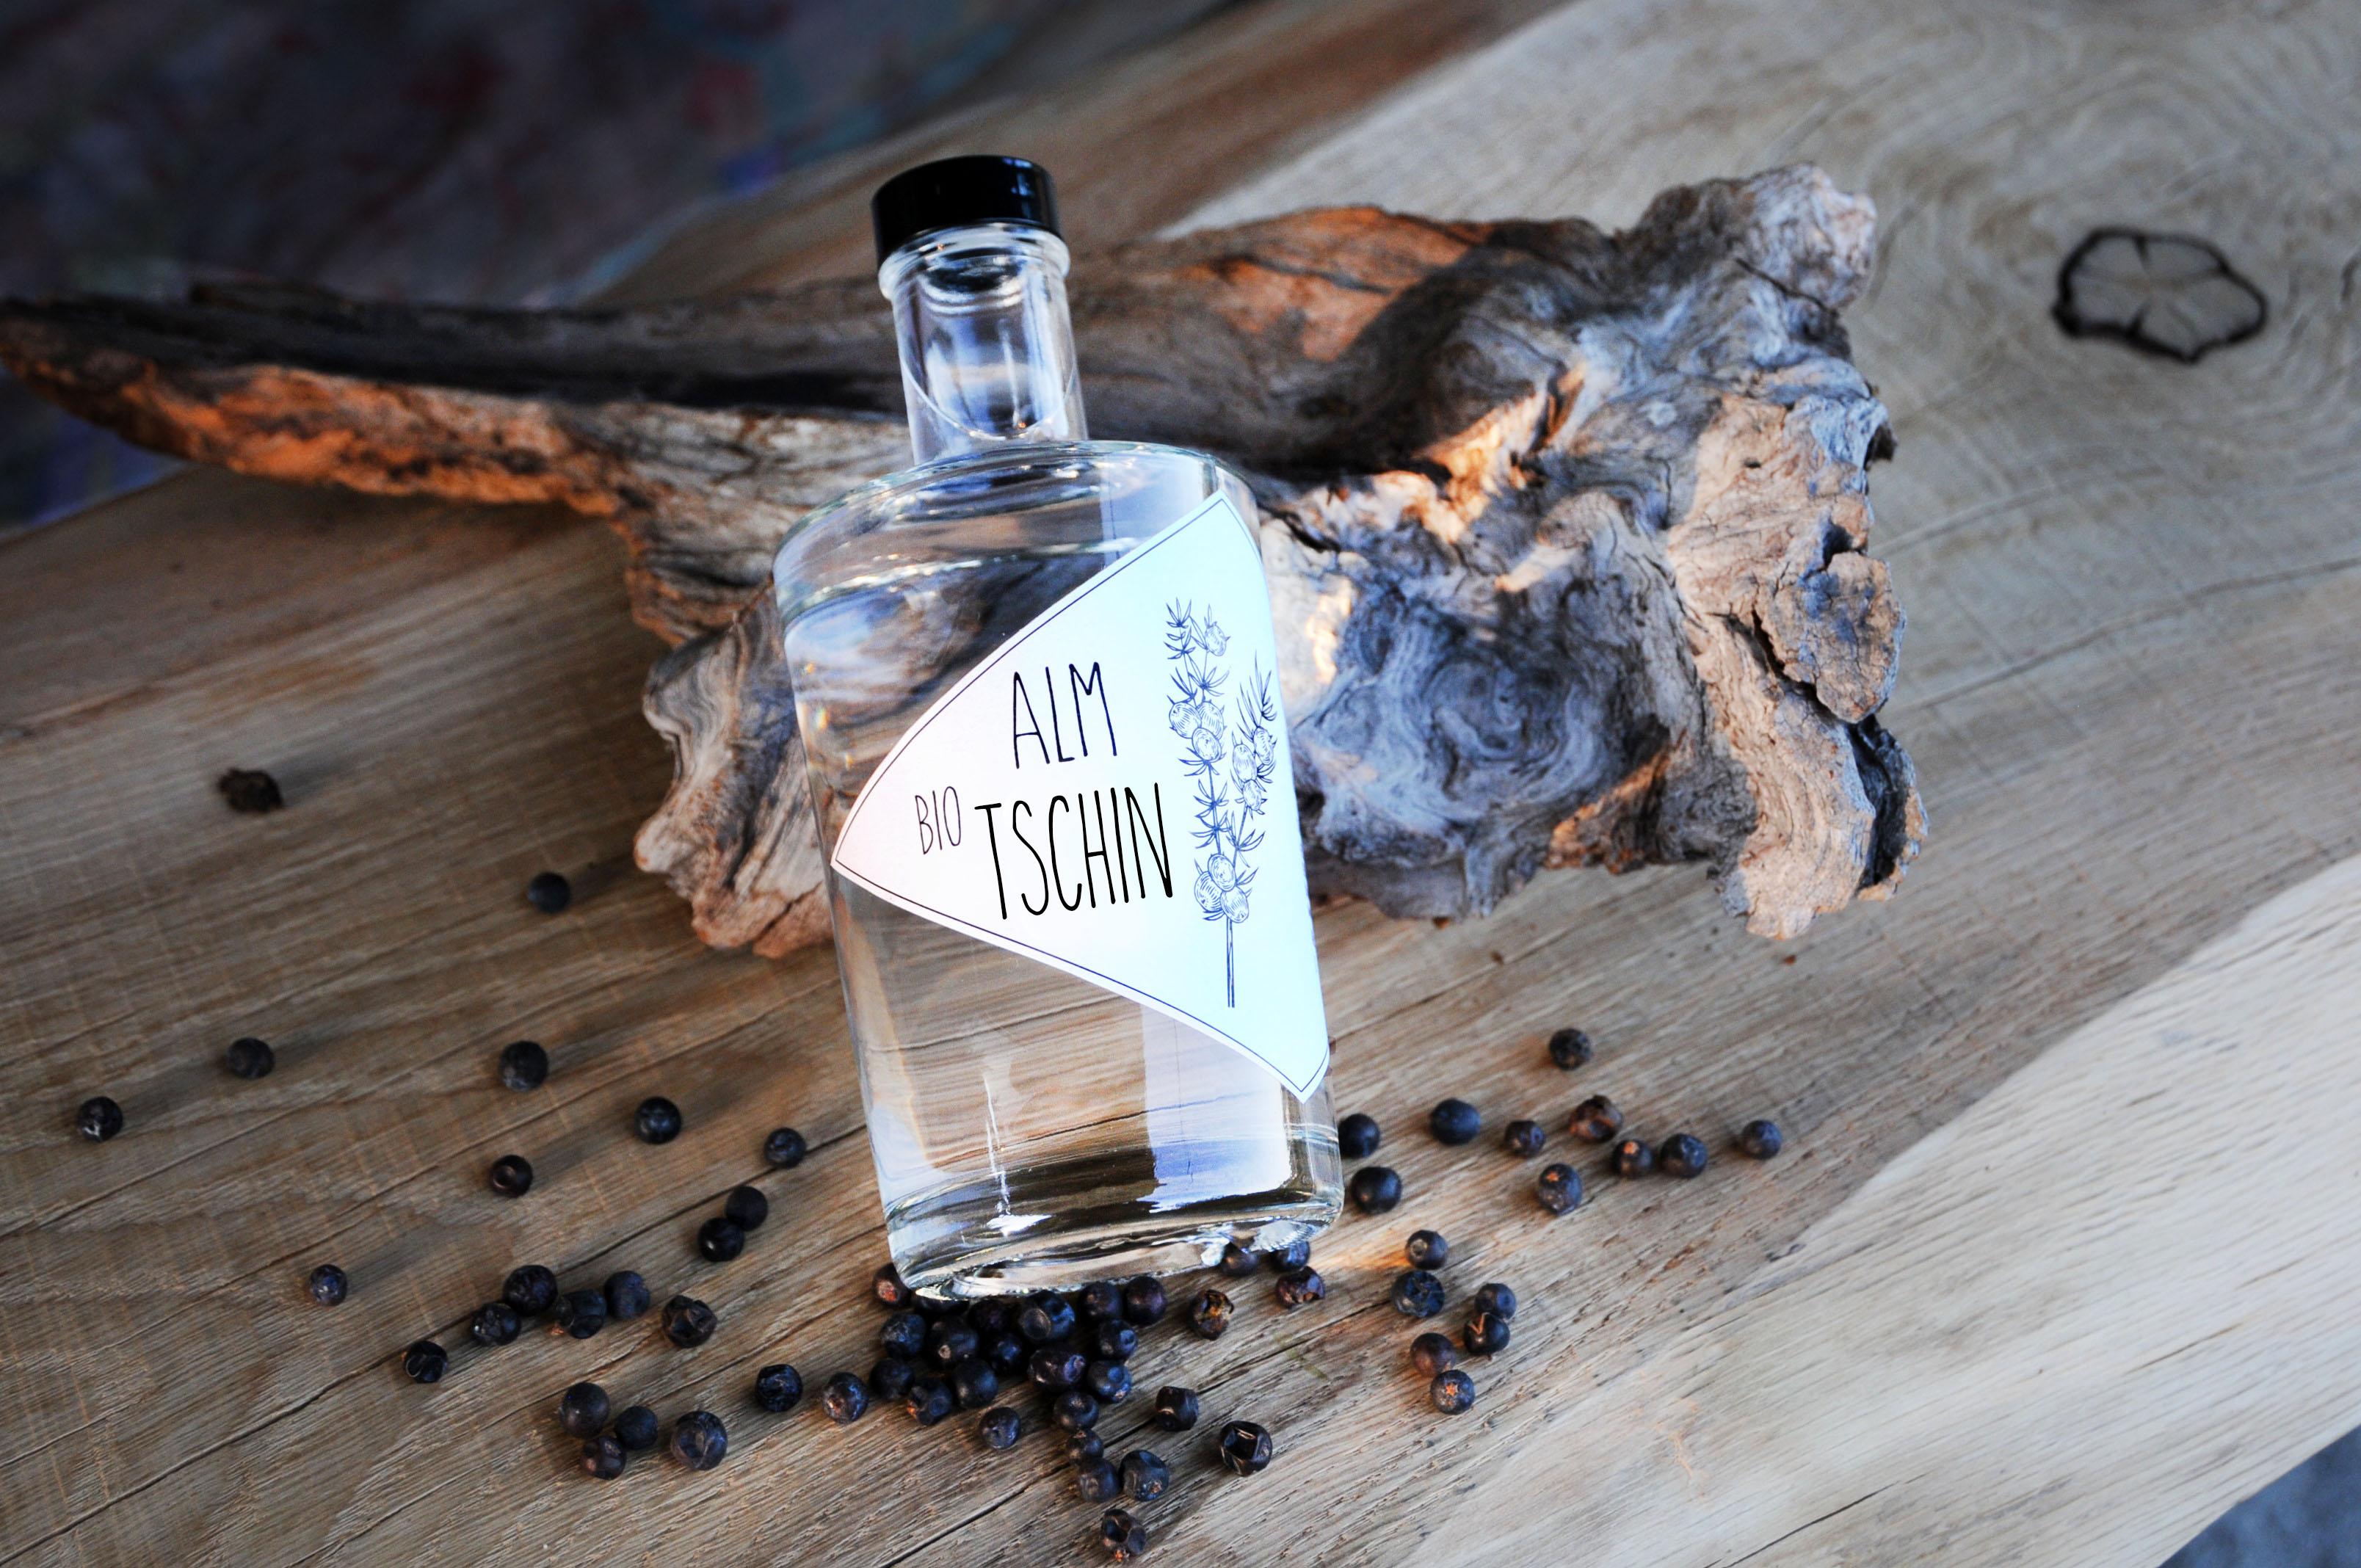 Bio Tschin, österreichischer Gin aus dem Mühlviertel